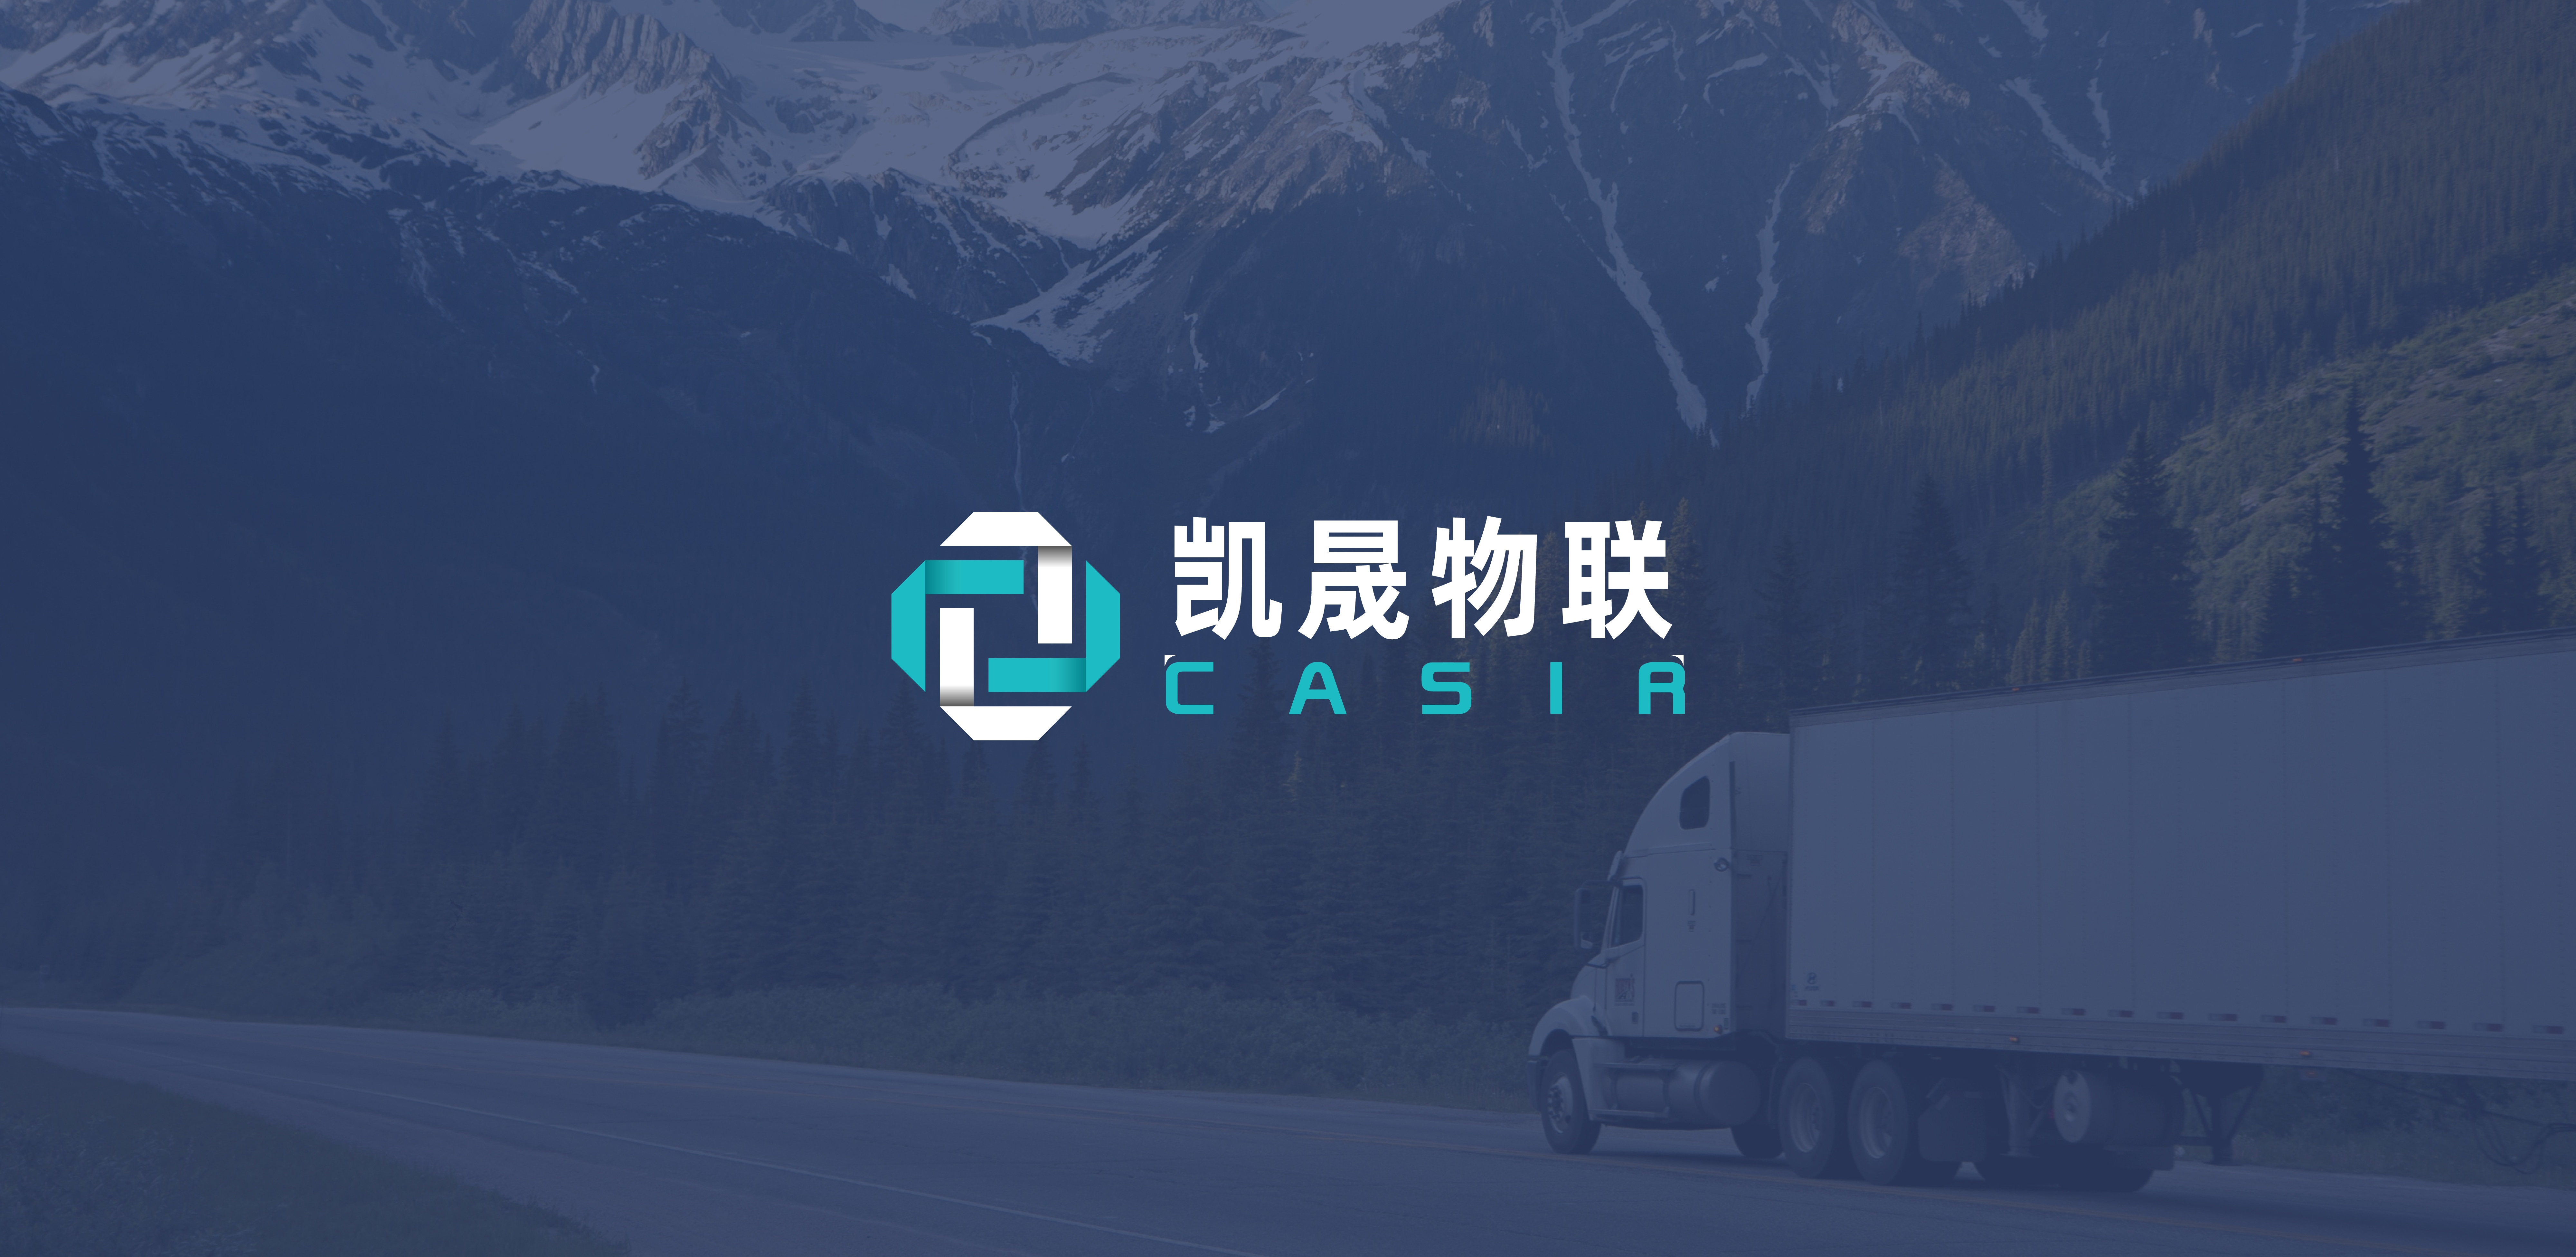 凱晟物聯logo設計